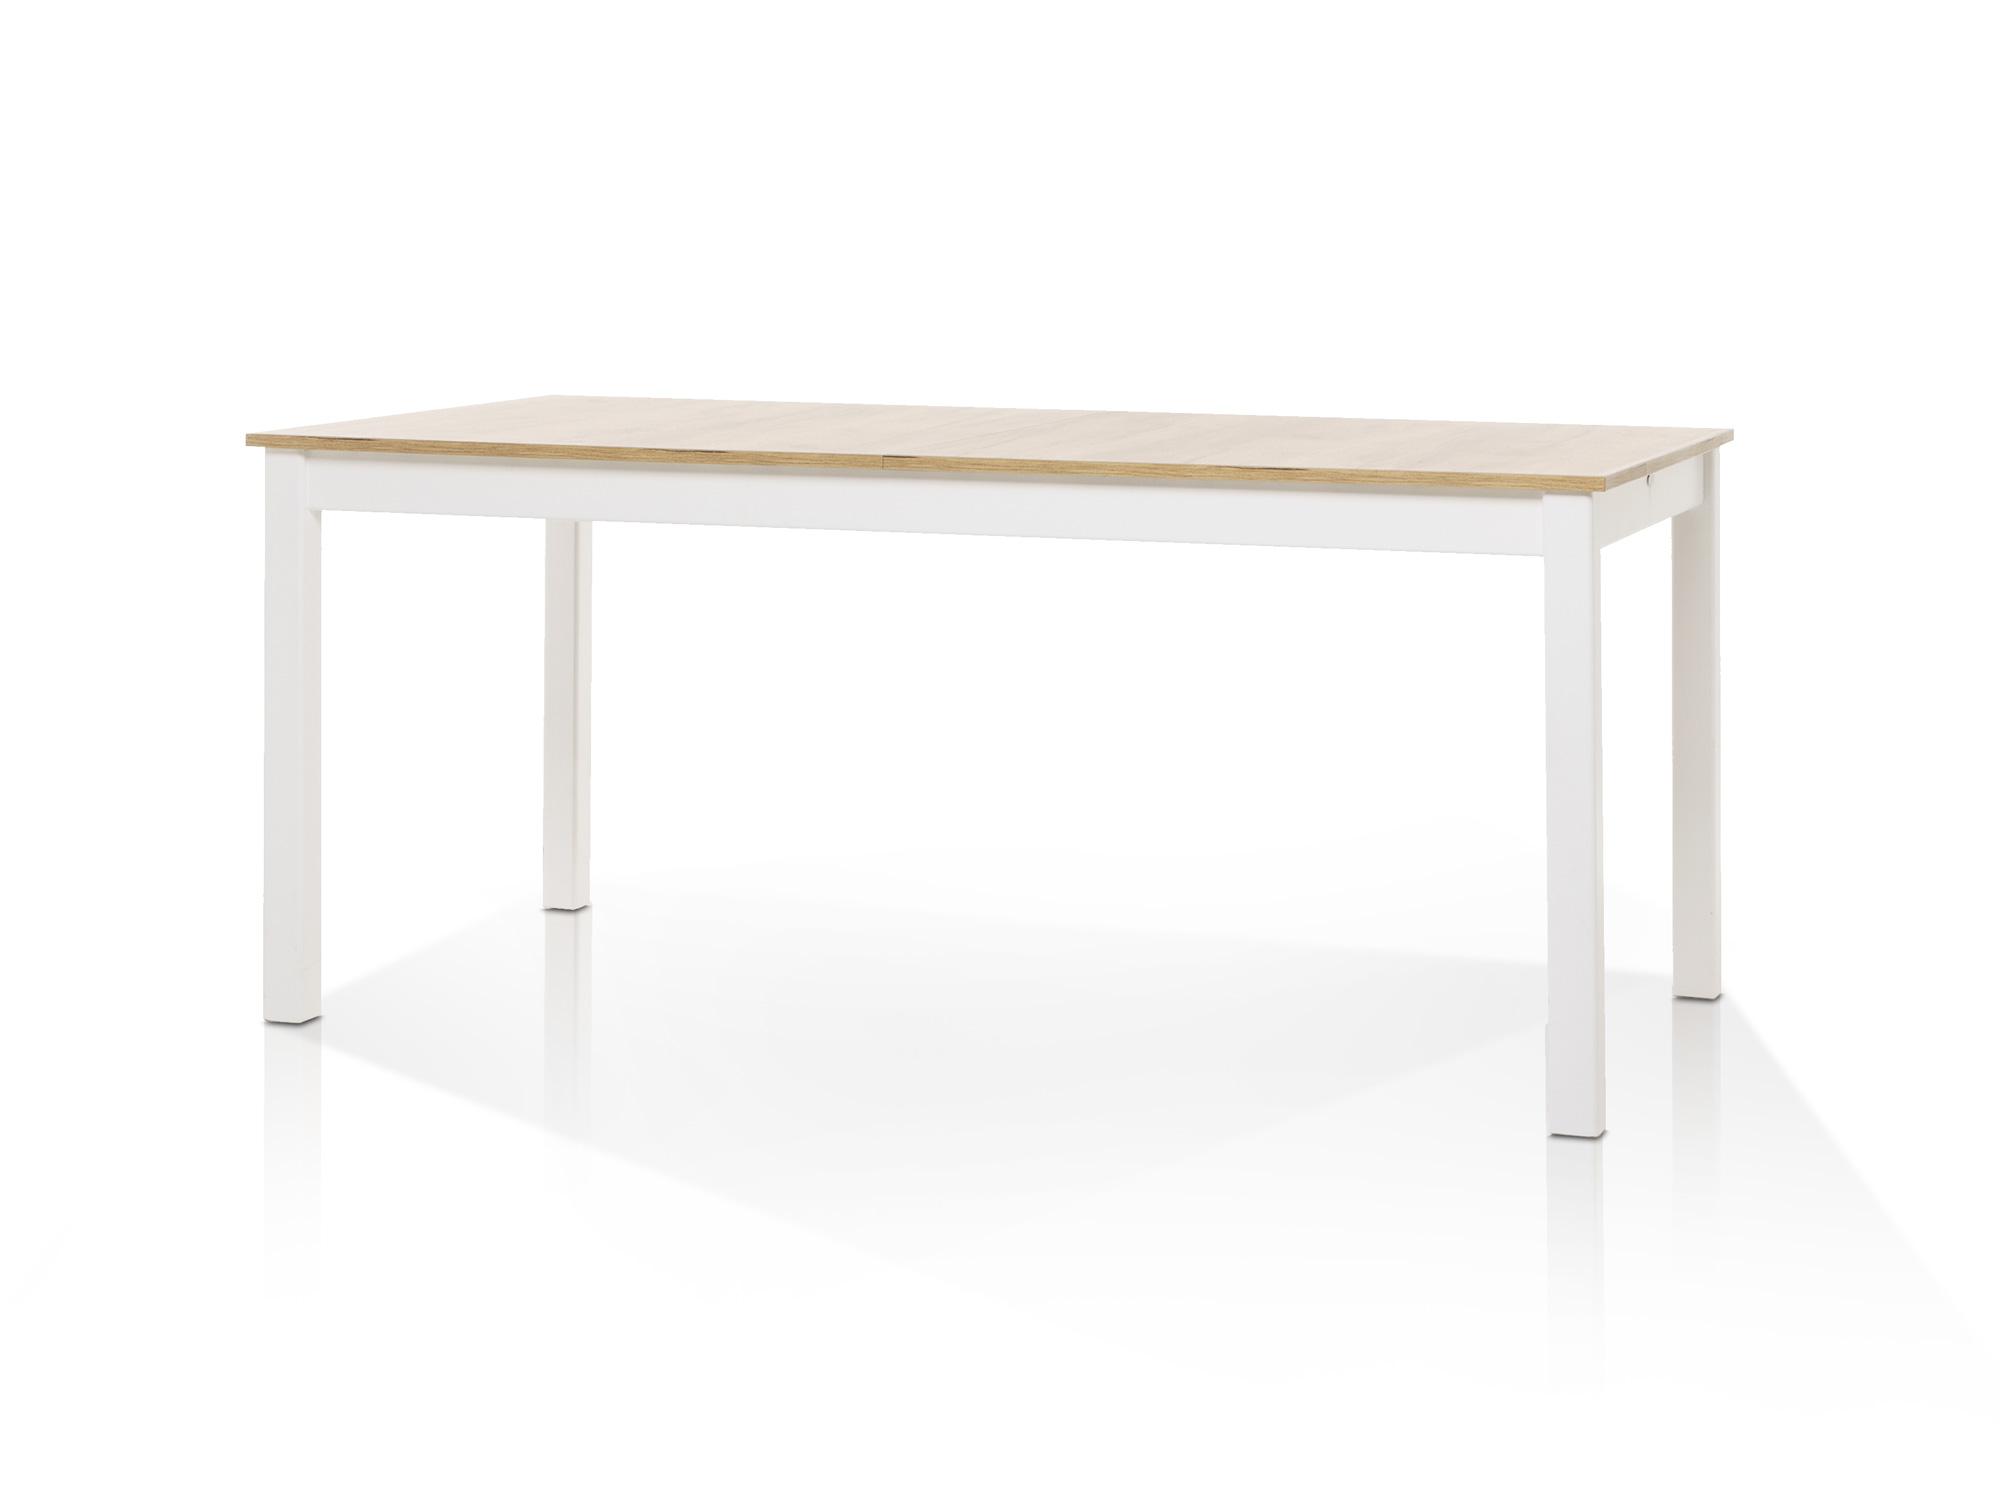 Esstisch rund weiss honig innenr ume und m bel ideen for Design esstisch stockholm